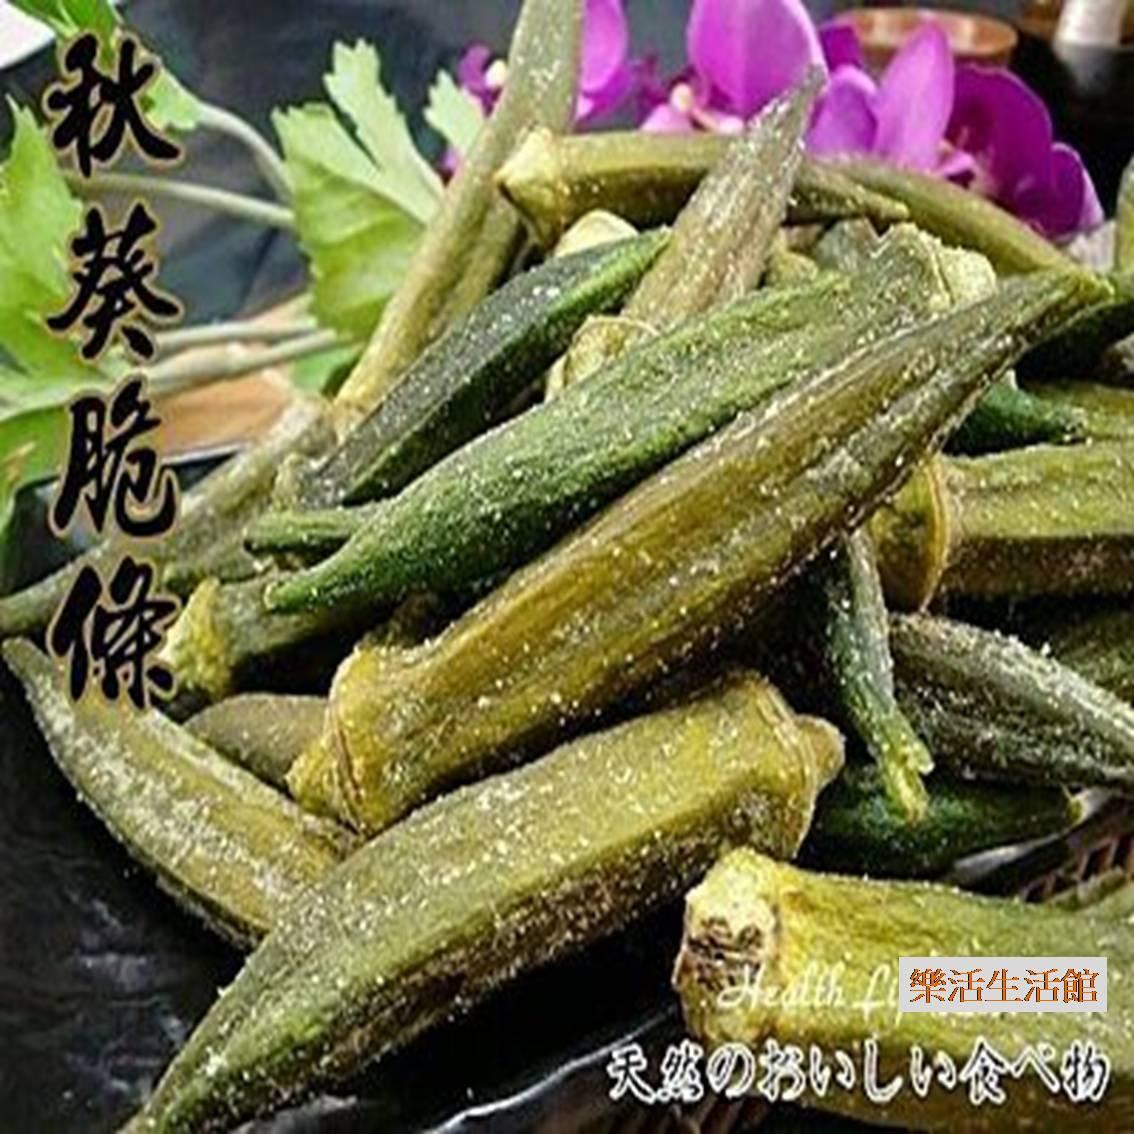 天然蔬果脆片 秋葵脆條大包裝 800公克【樂活生活館】